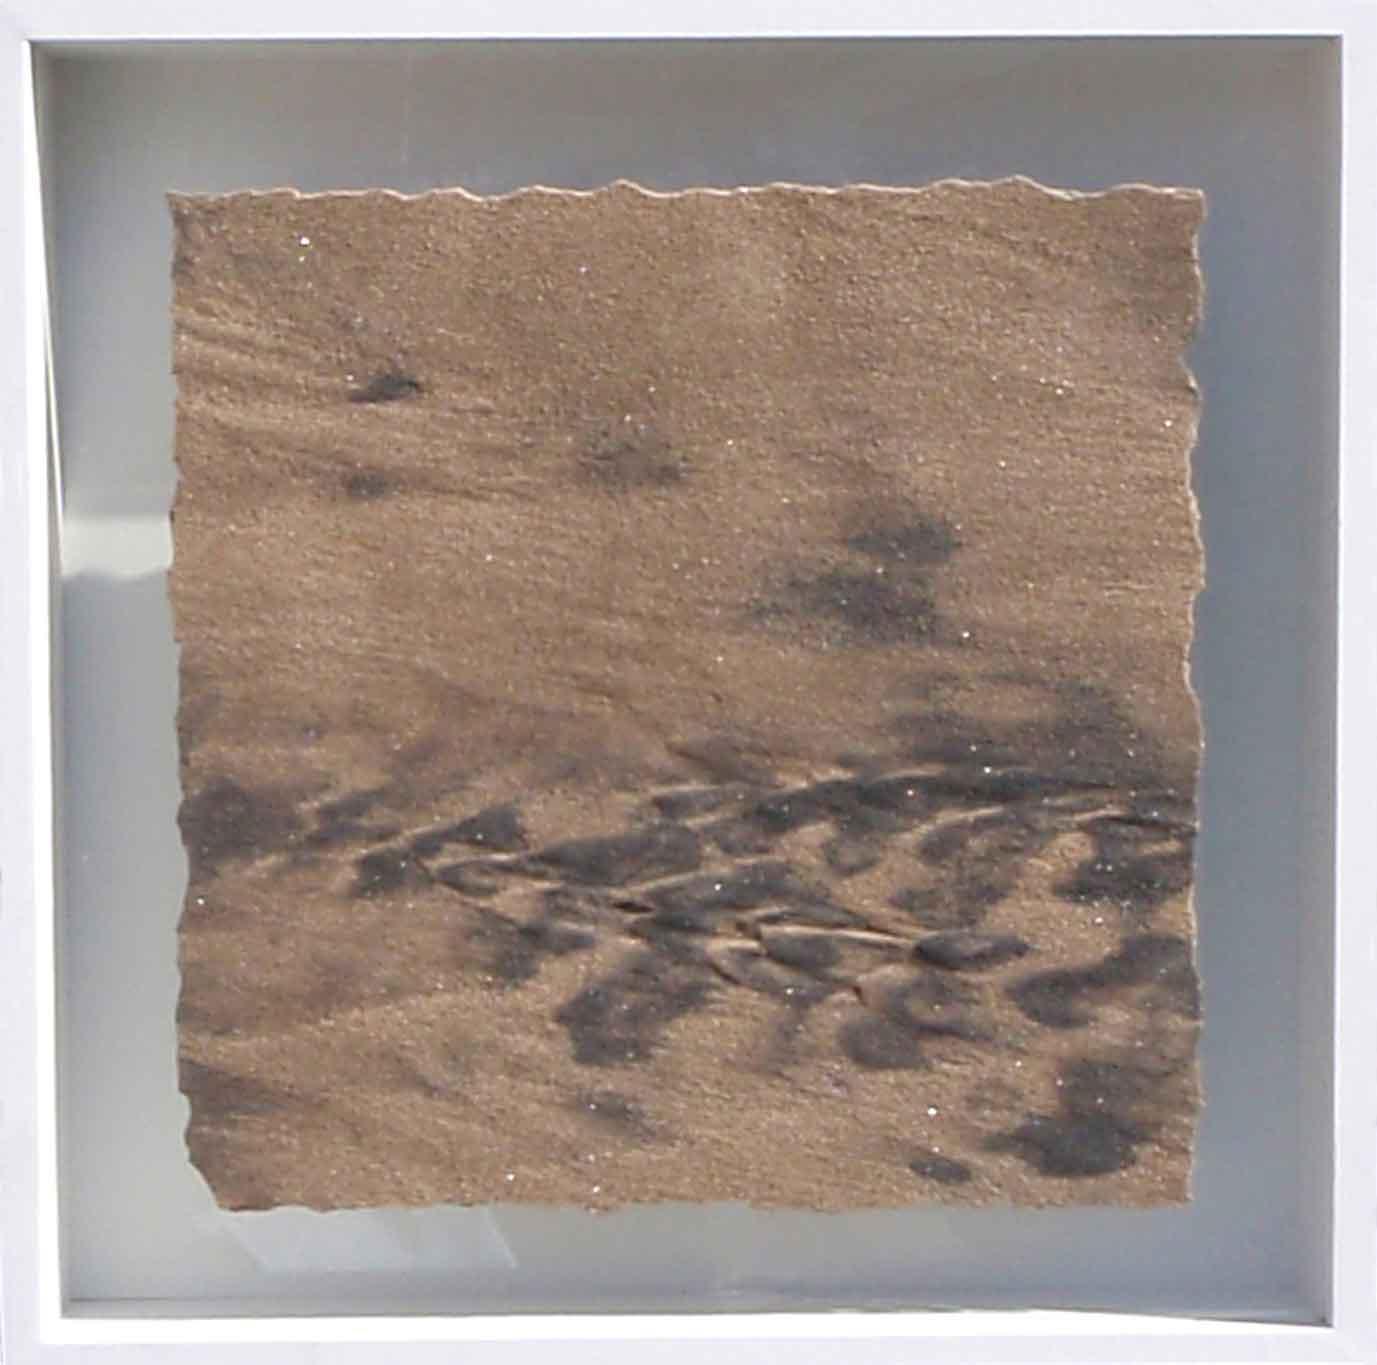 sand tapeten exklusive wandverkleidung aus echtem sahara sand online kaufen. Black Bedroom Furniture Sets. Home Design Ideas